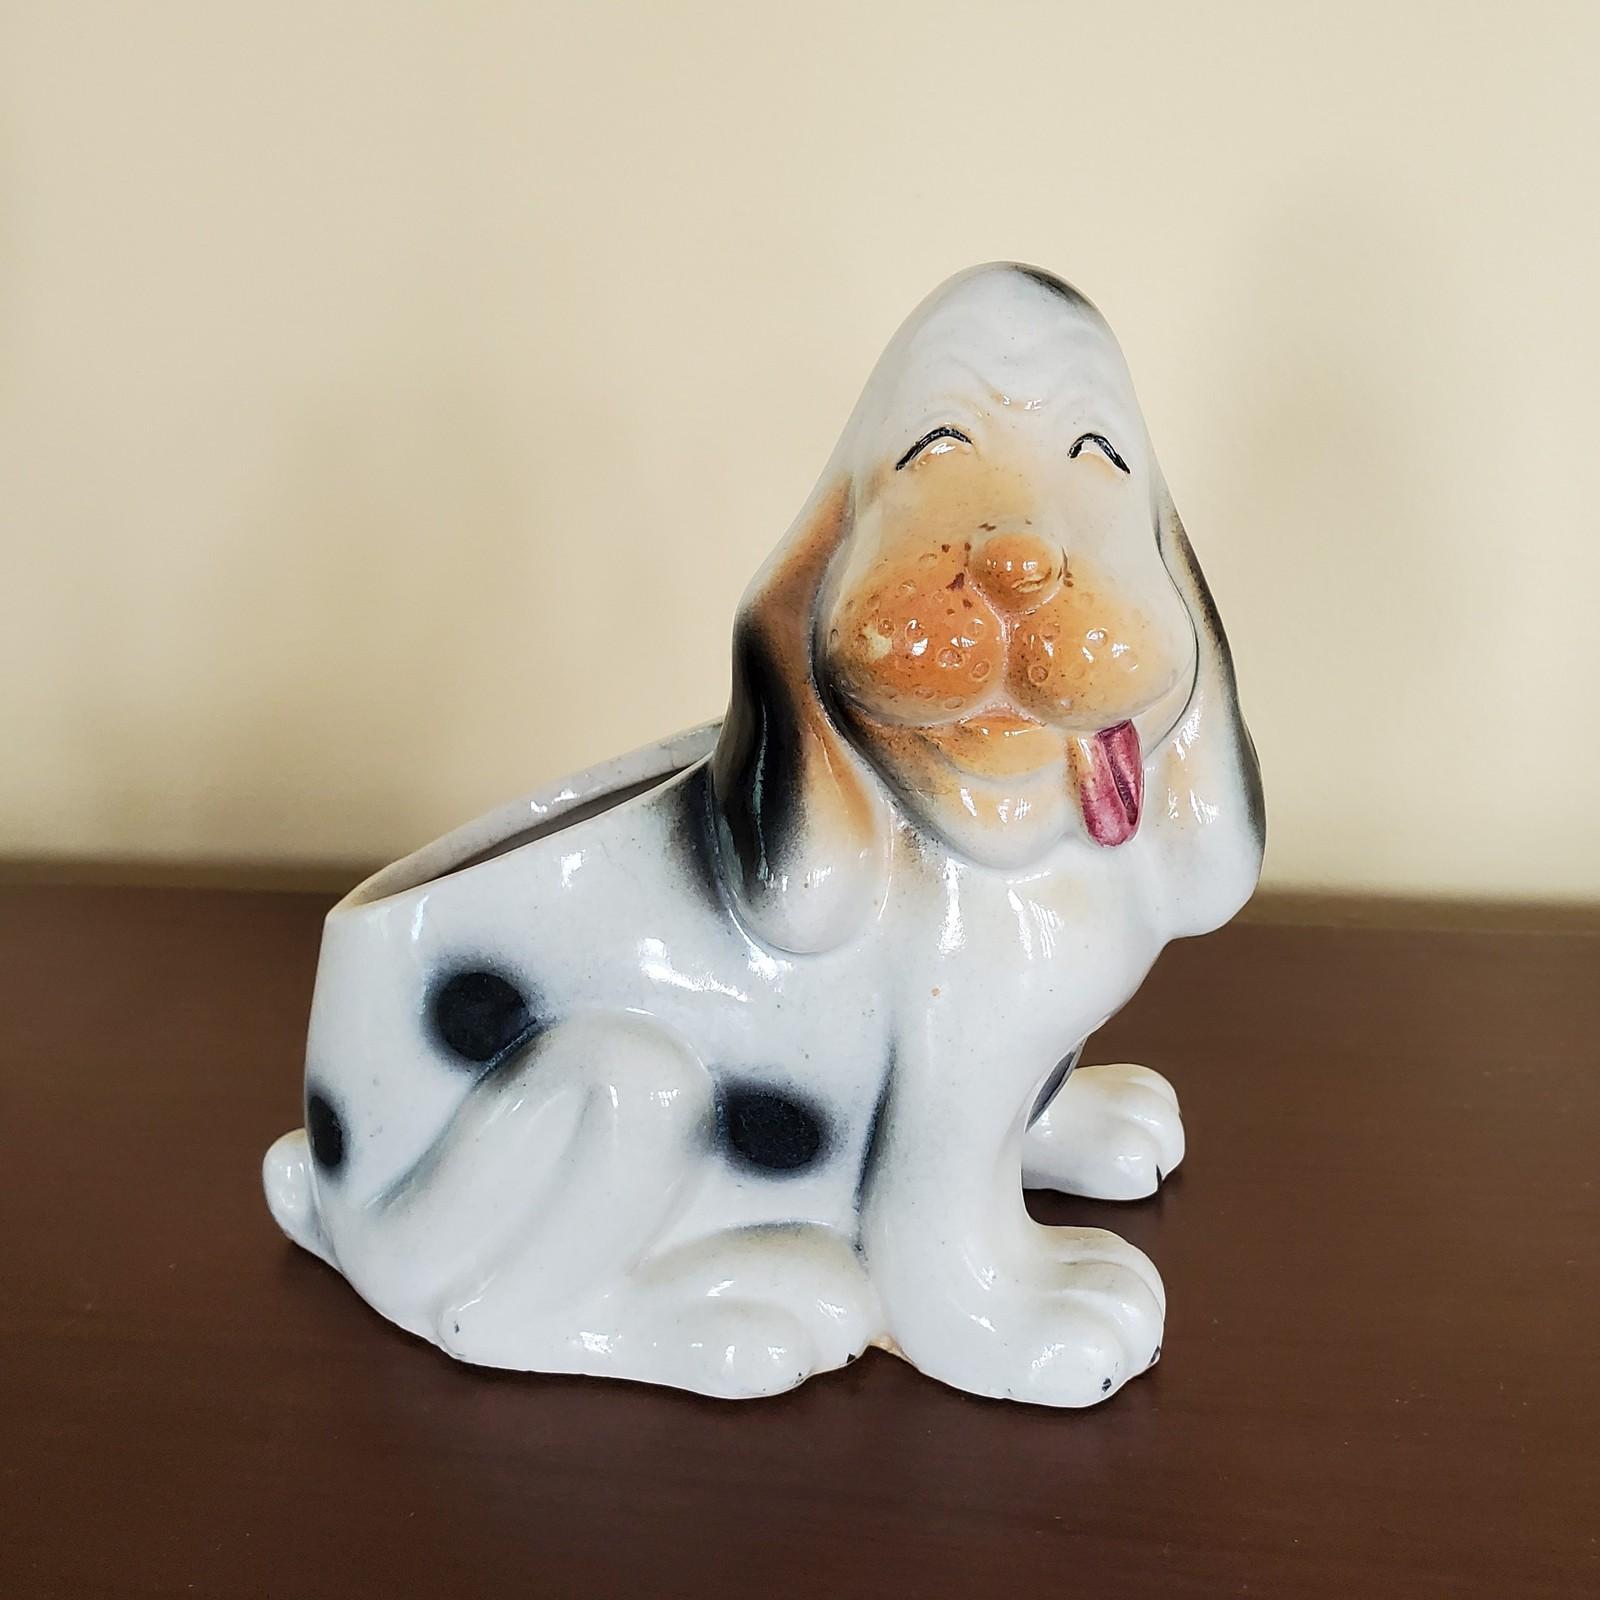 Vintageplanter hounddog 1